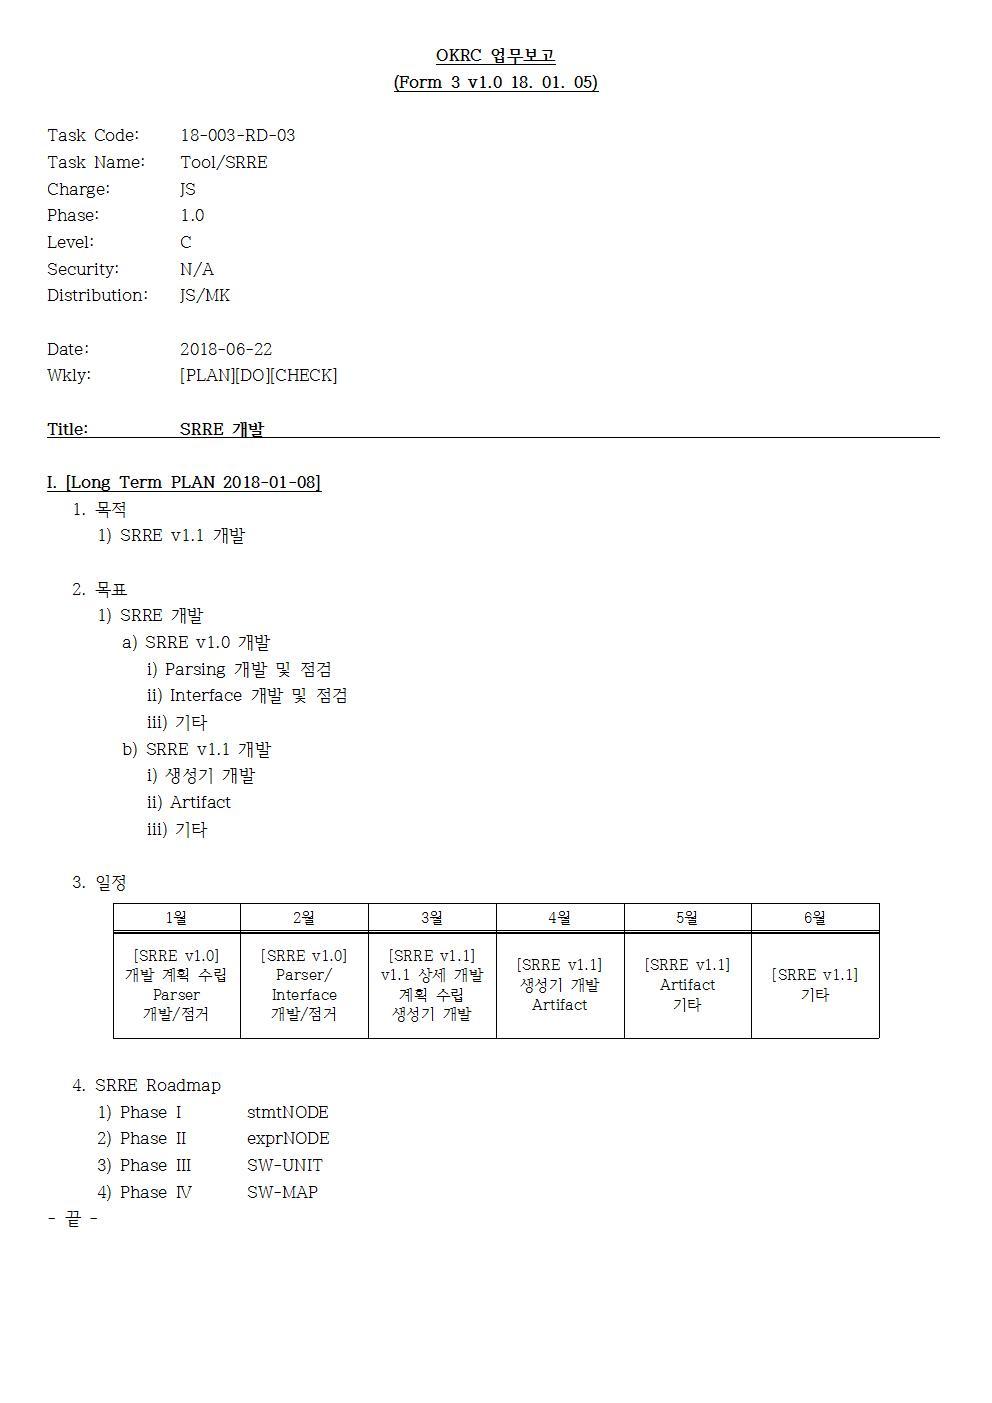 D-[18-003-RD-03]-[SRRE]-[2018-06-22][JS]001.jpg